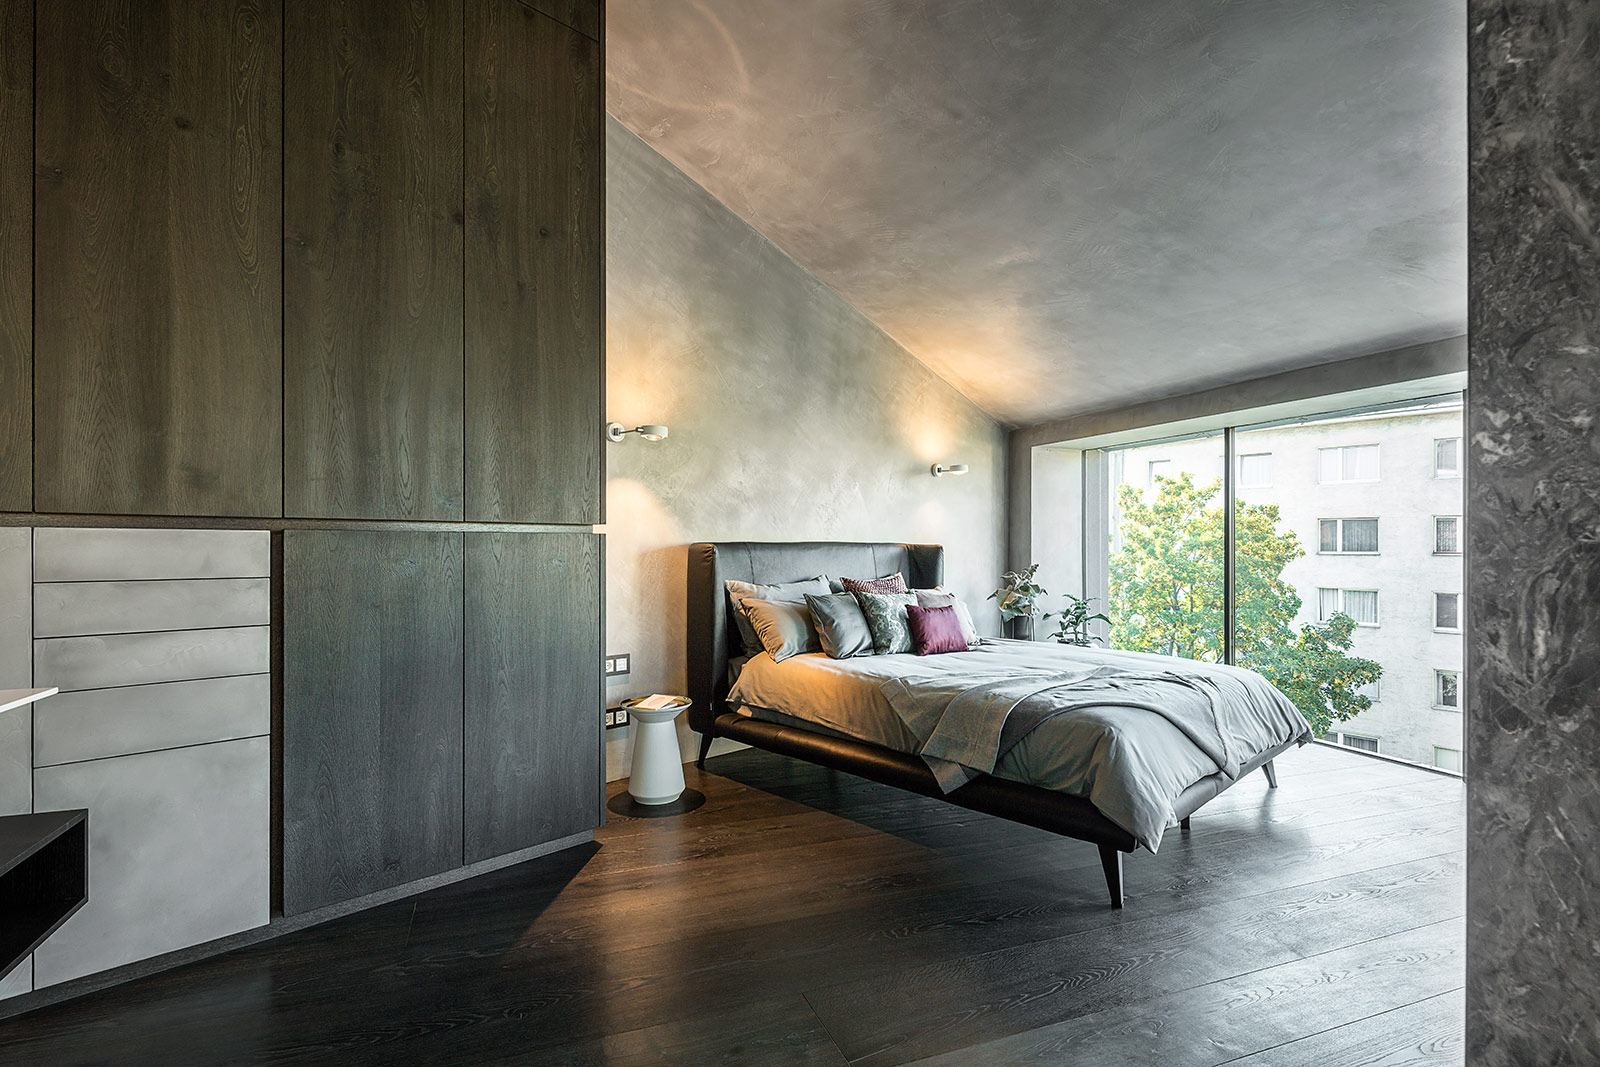 Architektur und Innenarchitektur Fotograf, Interior Fotograf für hochwertige Inneneinrichtung,